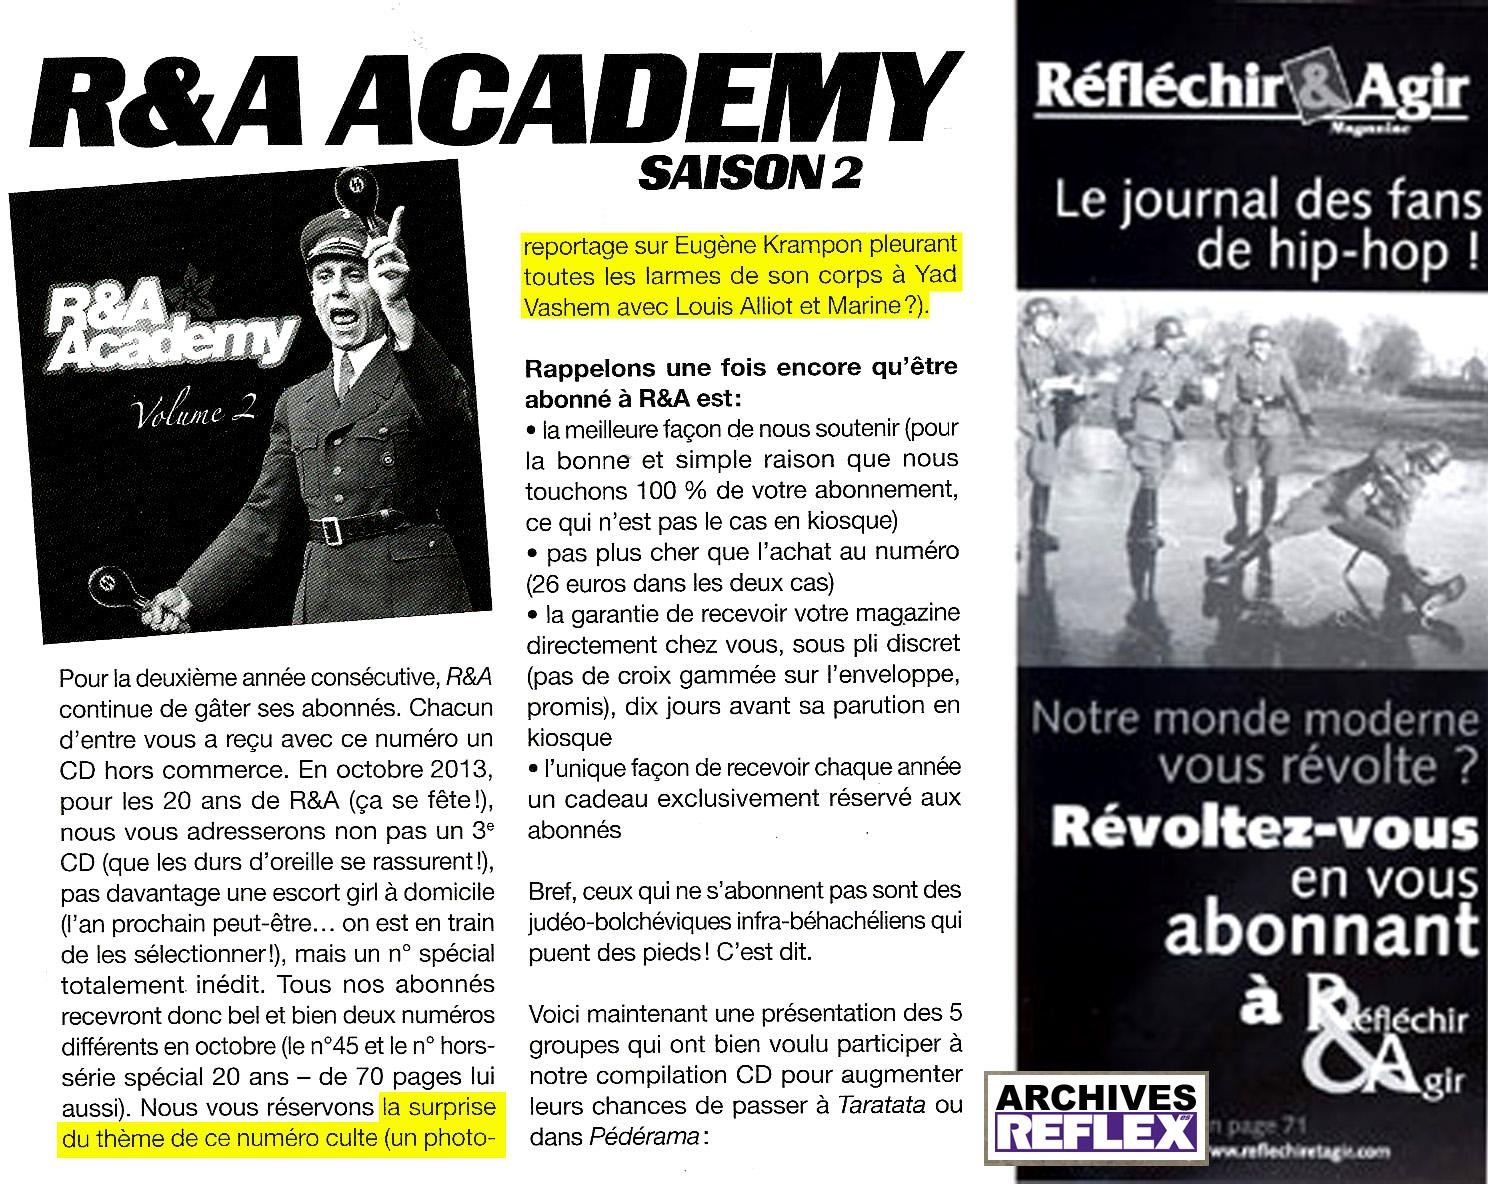 R&A ou la démonstration que l'on peut être nazi et avoir un certain sens de l'humour ! La 1re image est celle d'un CD promo réservé aux seuls abonnés, les veinards. La 2nde du même niveau est une pub pour la revue